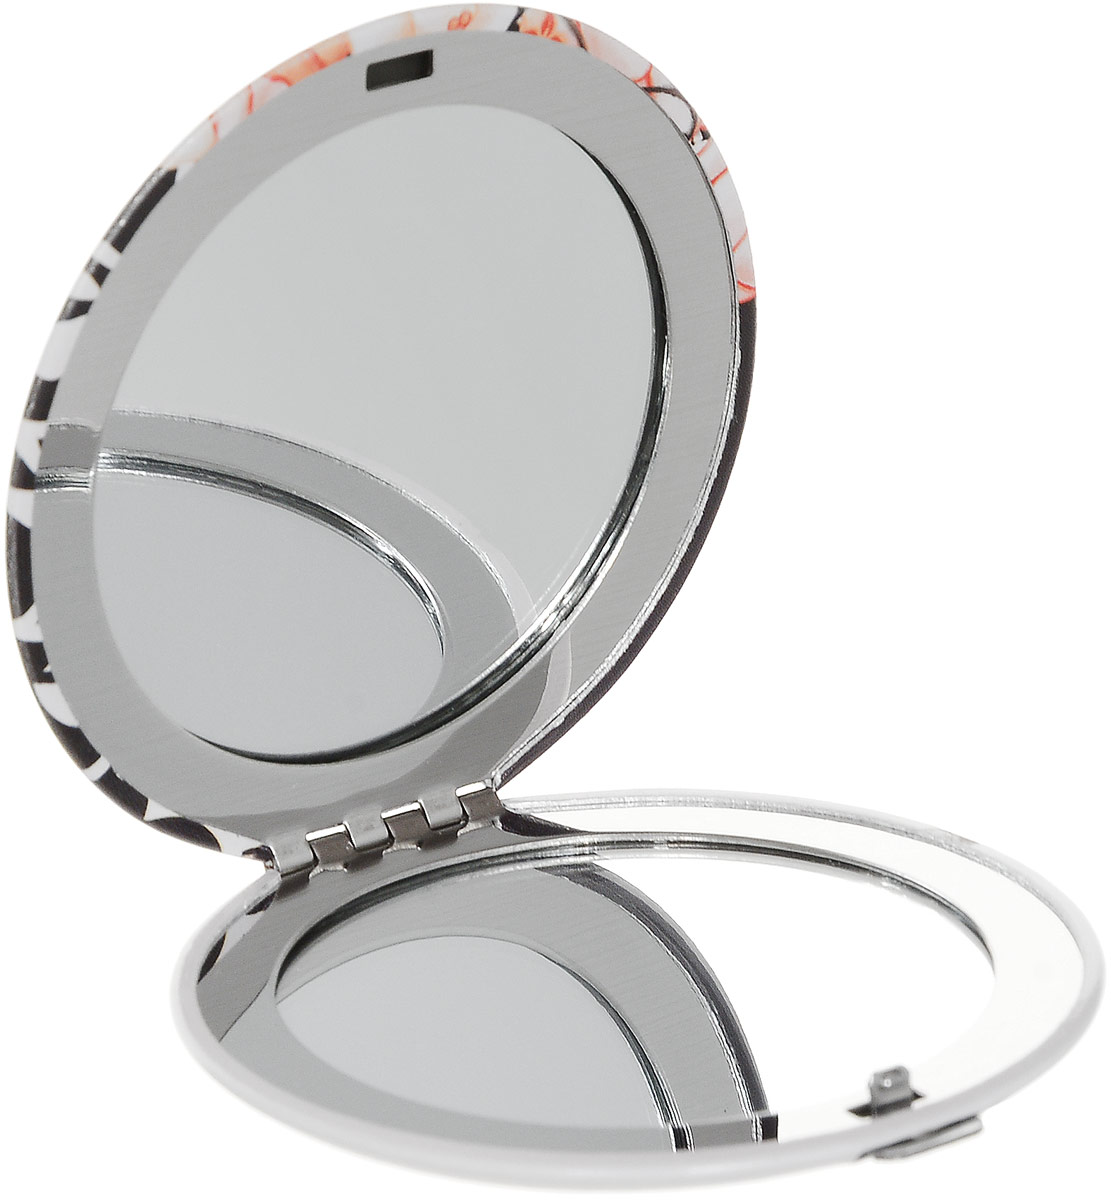 Зеркало карманное Kimmidoll Кайо. KF1119Satin Hair 7 BR730MNИзящное зеркало Kimmidoll Кайо выполнено в круглом металлическом корпусе и декорировано ярким изображением. Внутри корпуса расположено два зеркальца - обычное и увеличивающее.Такое зеркало станет отличным подарком представительнице прекрасного пола, ведь даже самая маленькая дамская сумочка обязательно вместит в себя миниатюрное зеркальце - атрибут каждой модницы.